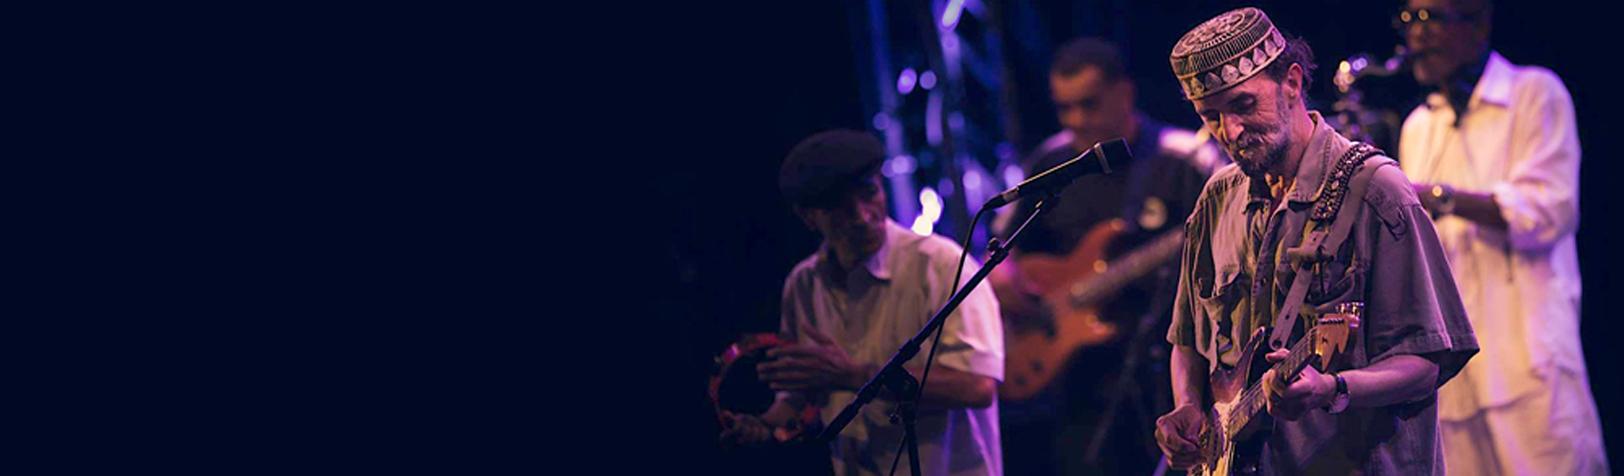 Raïna Raï en concert à la Pléiade le 29 novembre